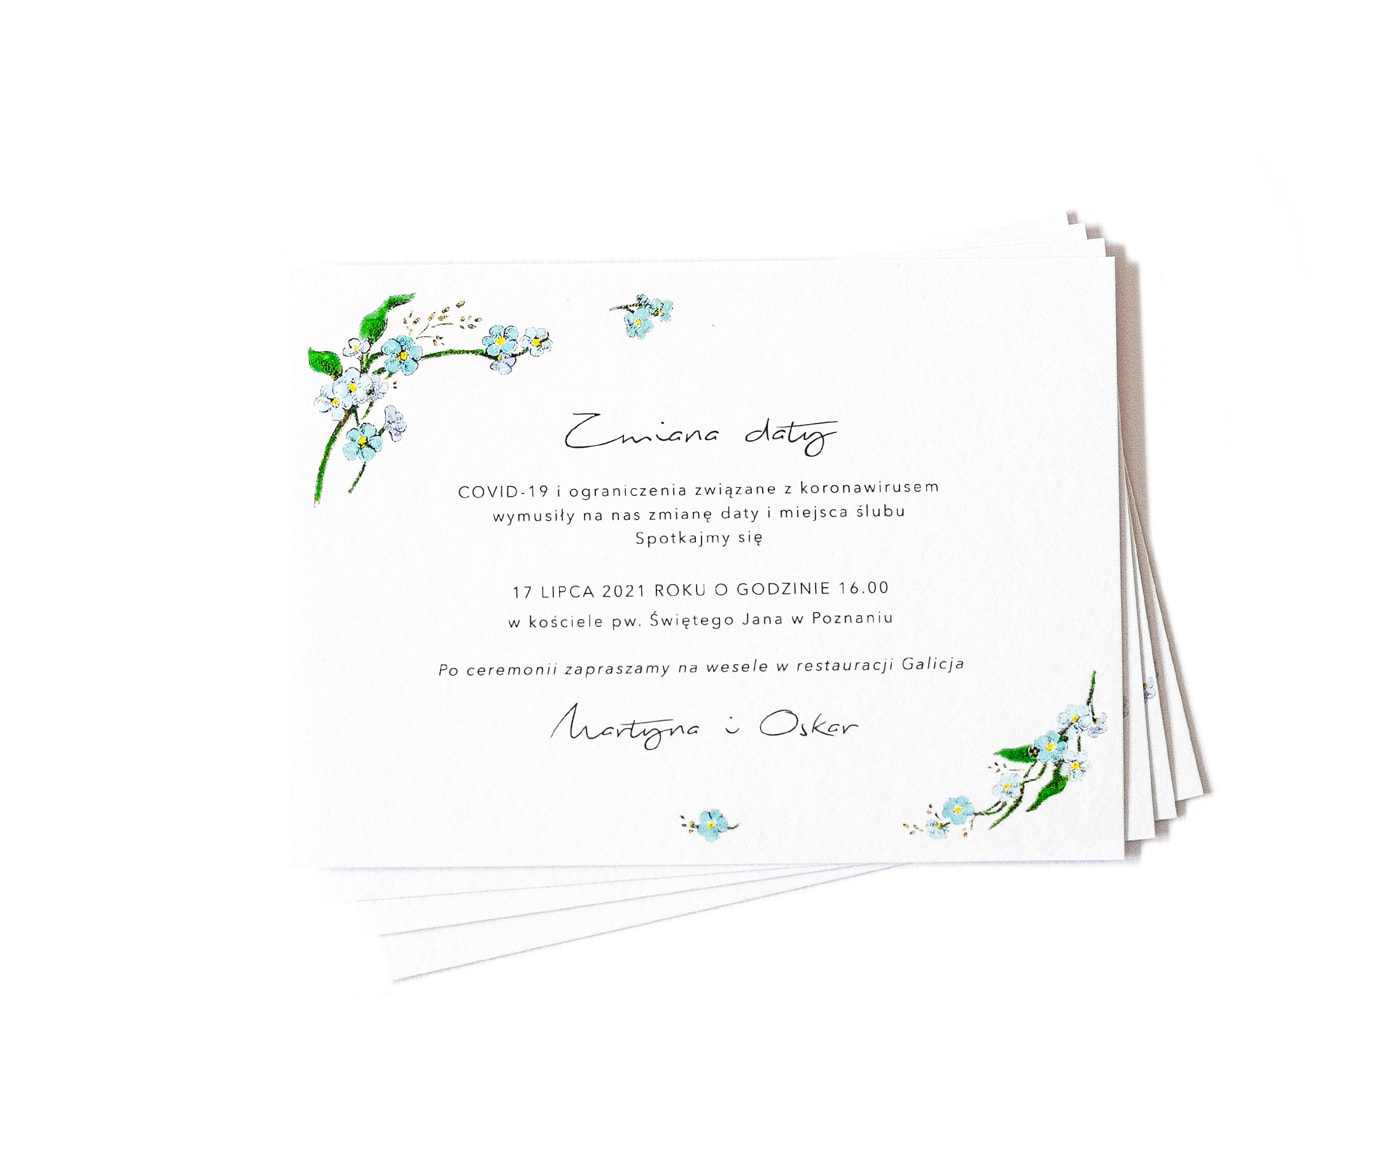 Karteczka z informacją o zmianie daty ślubu z powodu koronawirusa